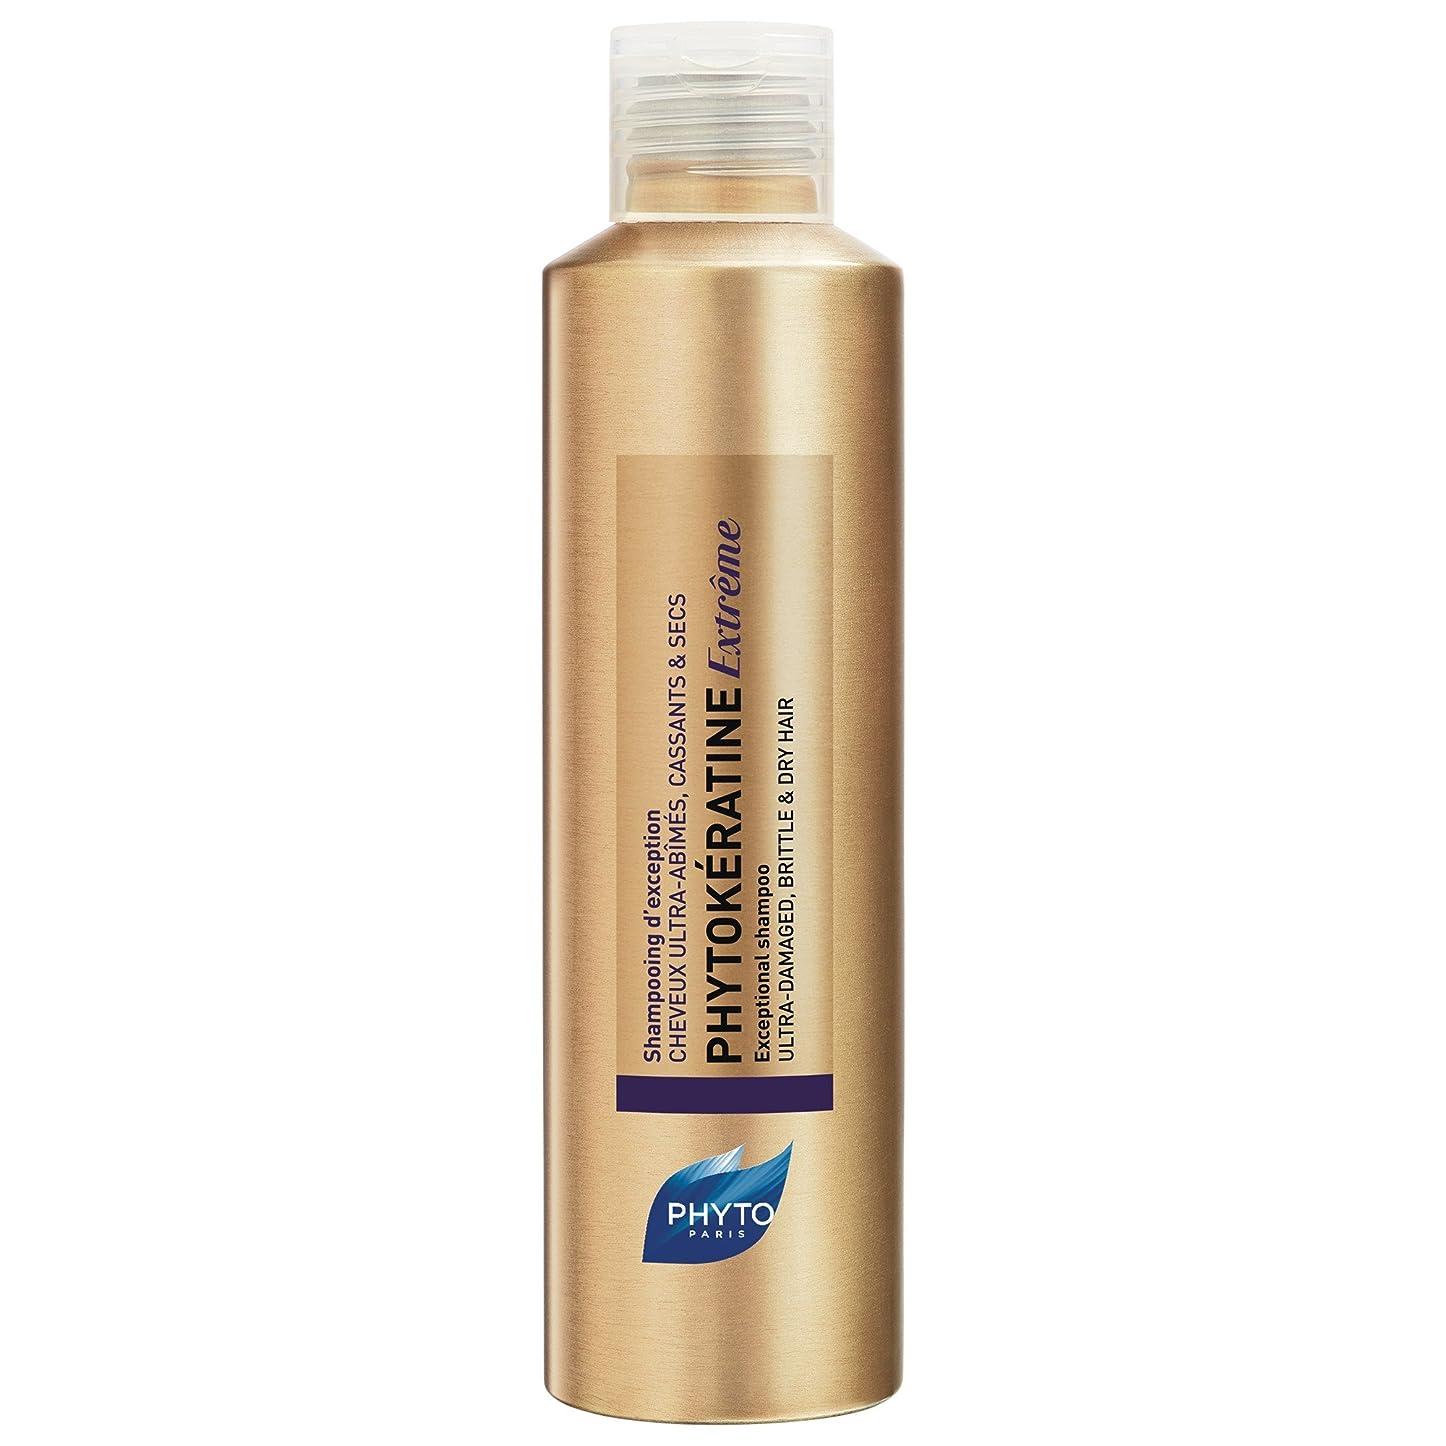 冷える寛容シェフフィトPhytokeratine極端なシャンプー200ミリリットル (Phyto) - Phyto Phytokeratine Extreme Shampoo 200ml [並行輸入品]